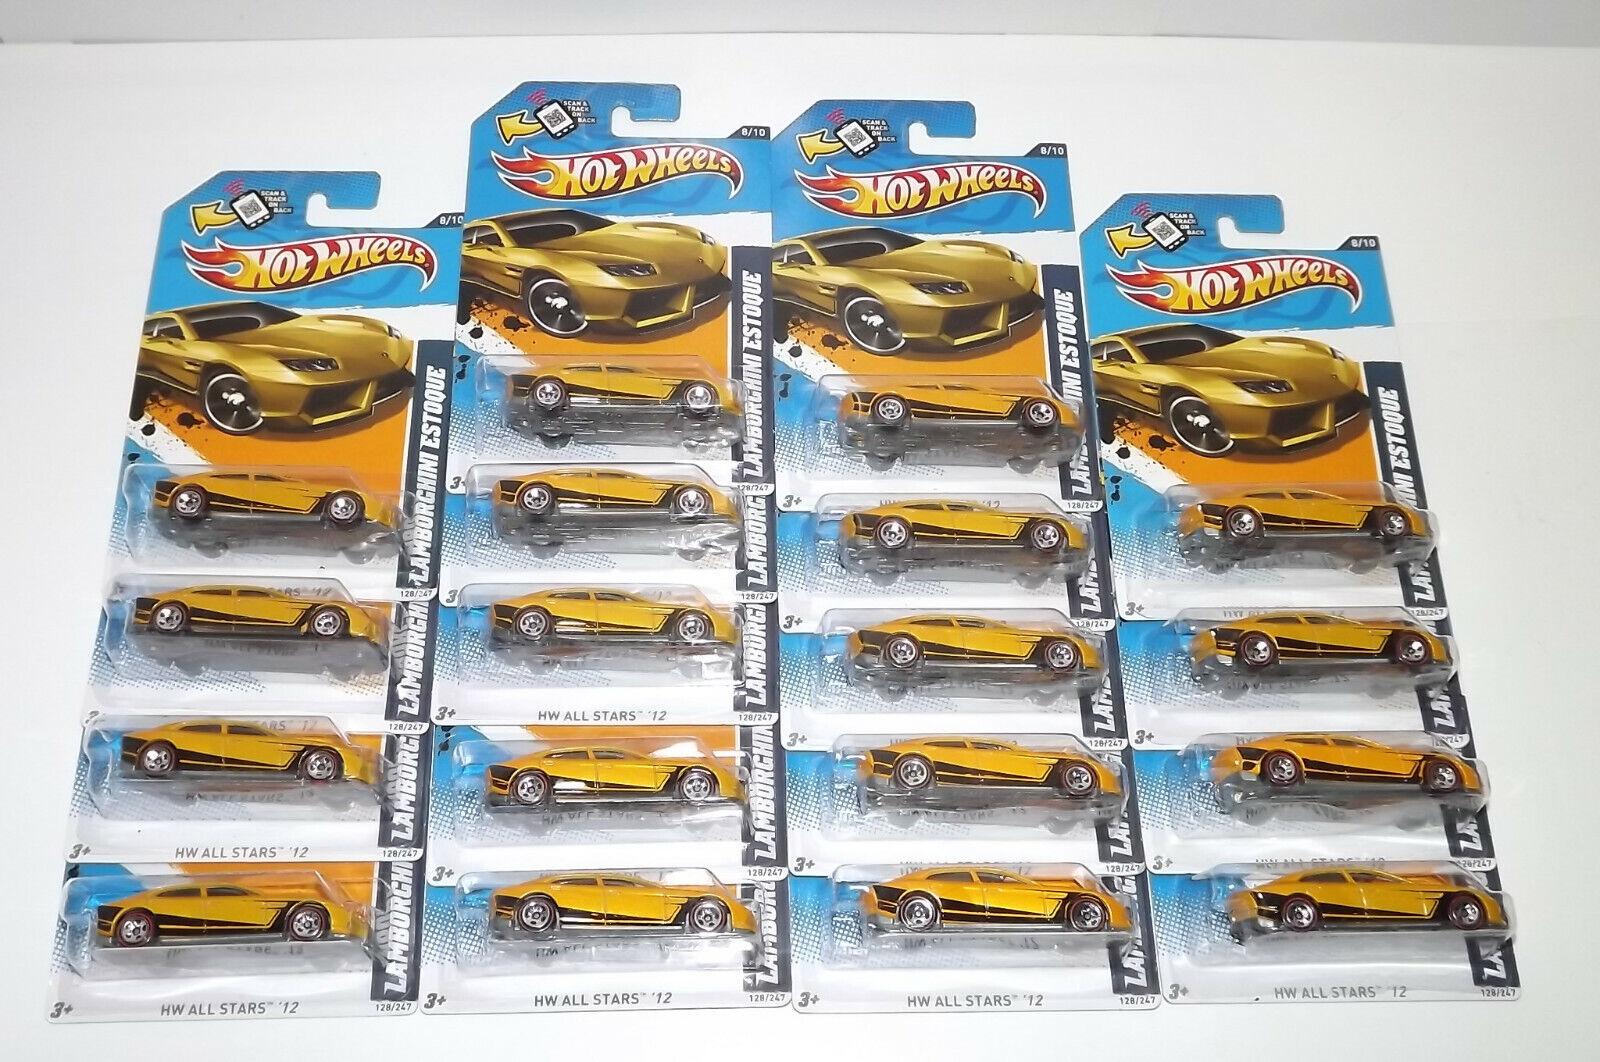 Lote de 18 Hot Wheels Lamborghini Estoque líneas rojas producto Exclusivo De Walmart